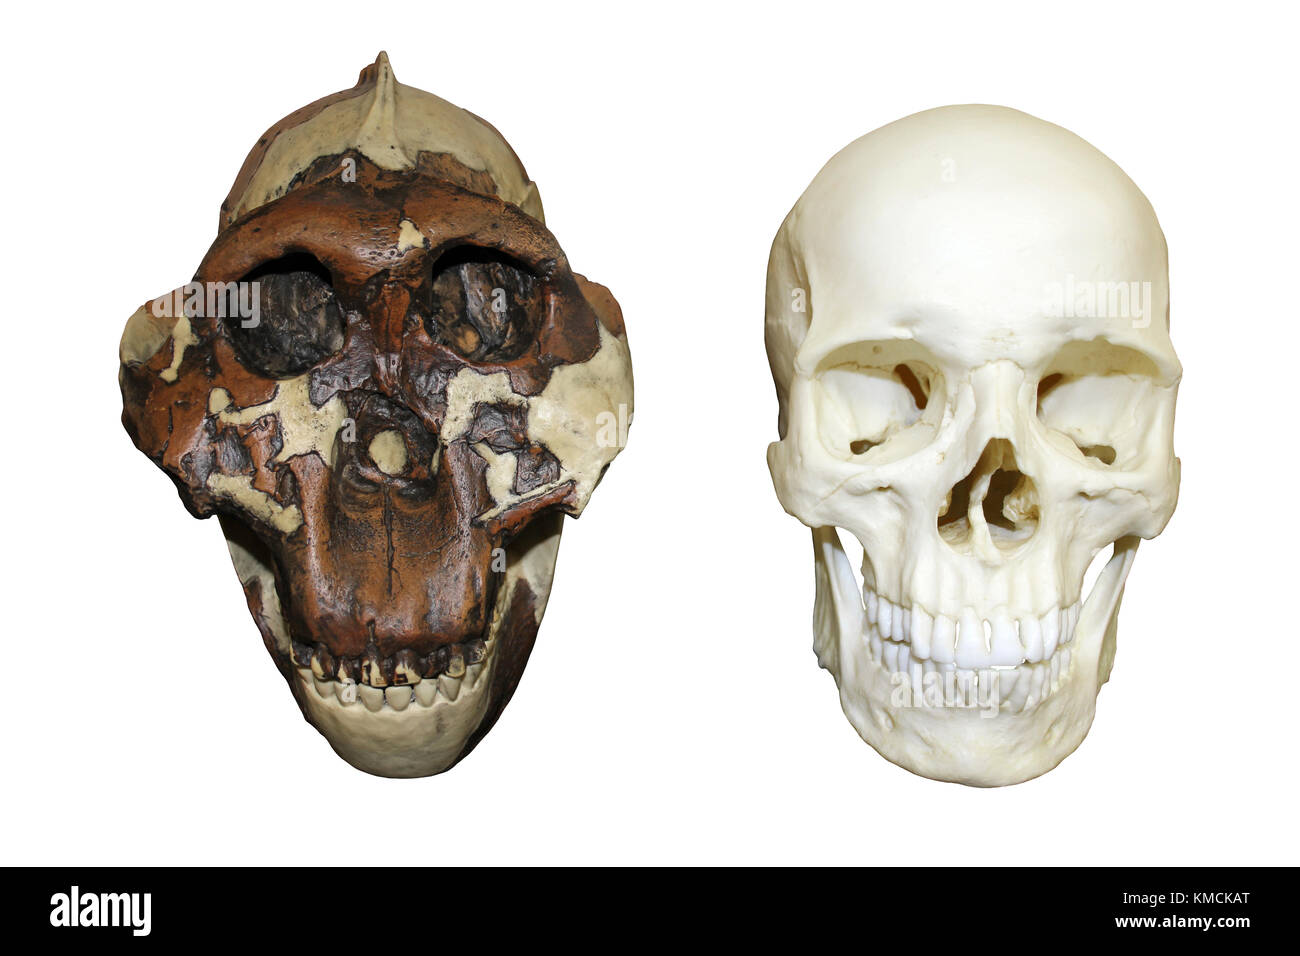 L'australopithecus boisei Casse-noisette Man vs Homo sapiens crâne Photo Stock